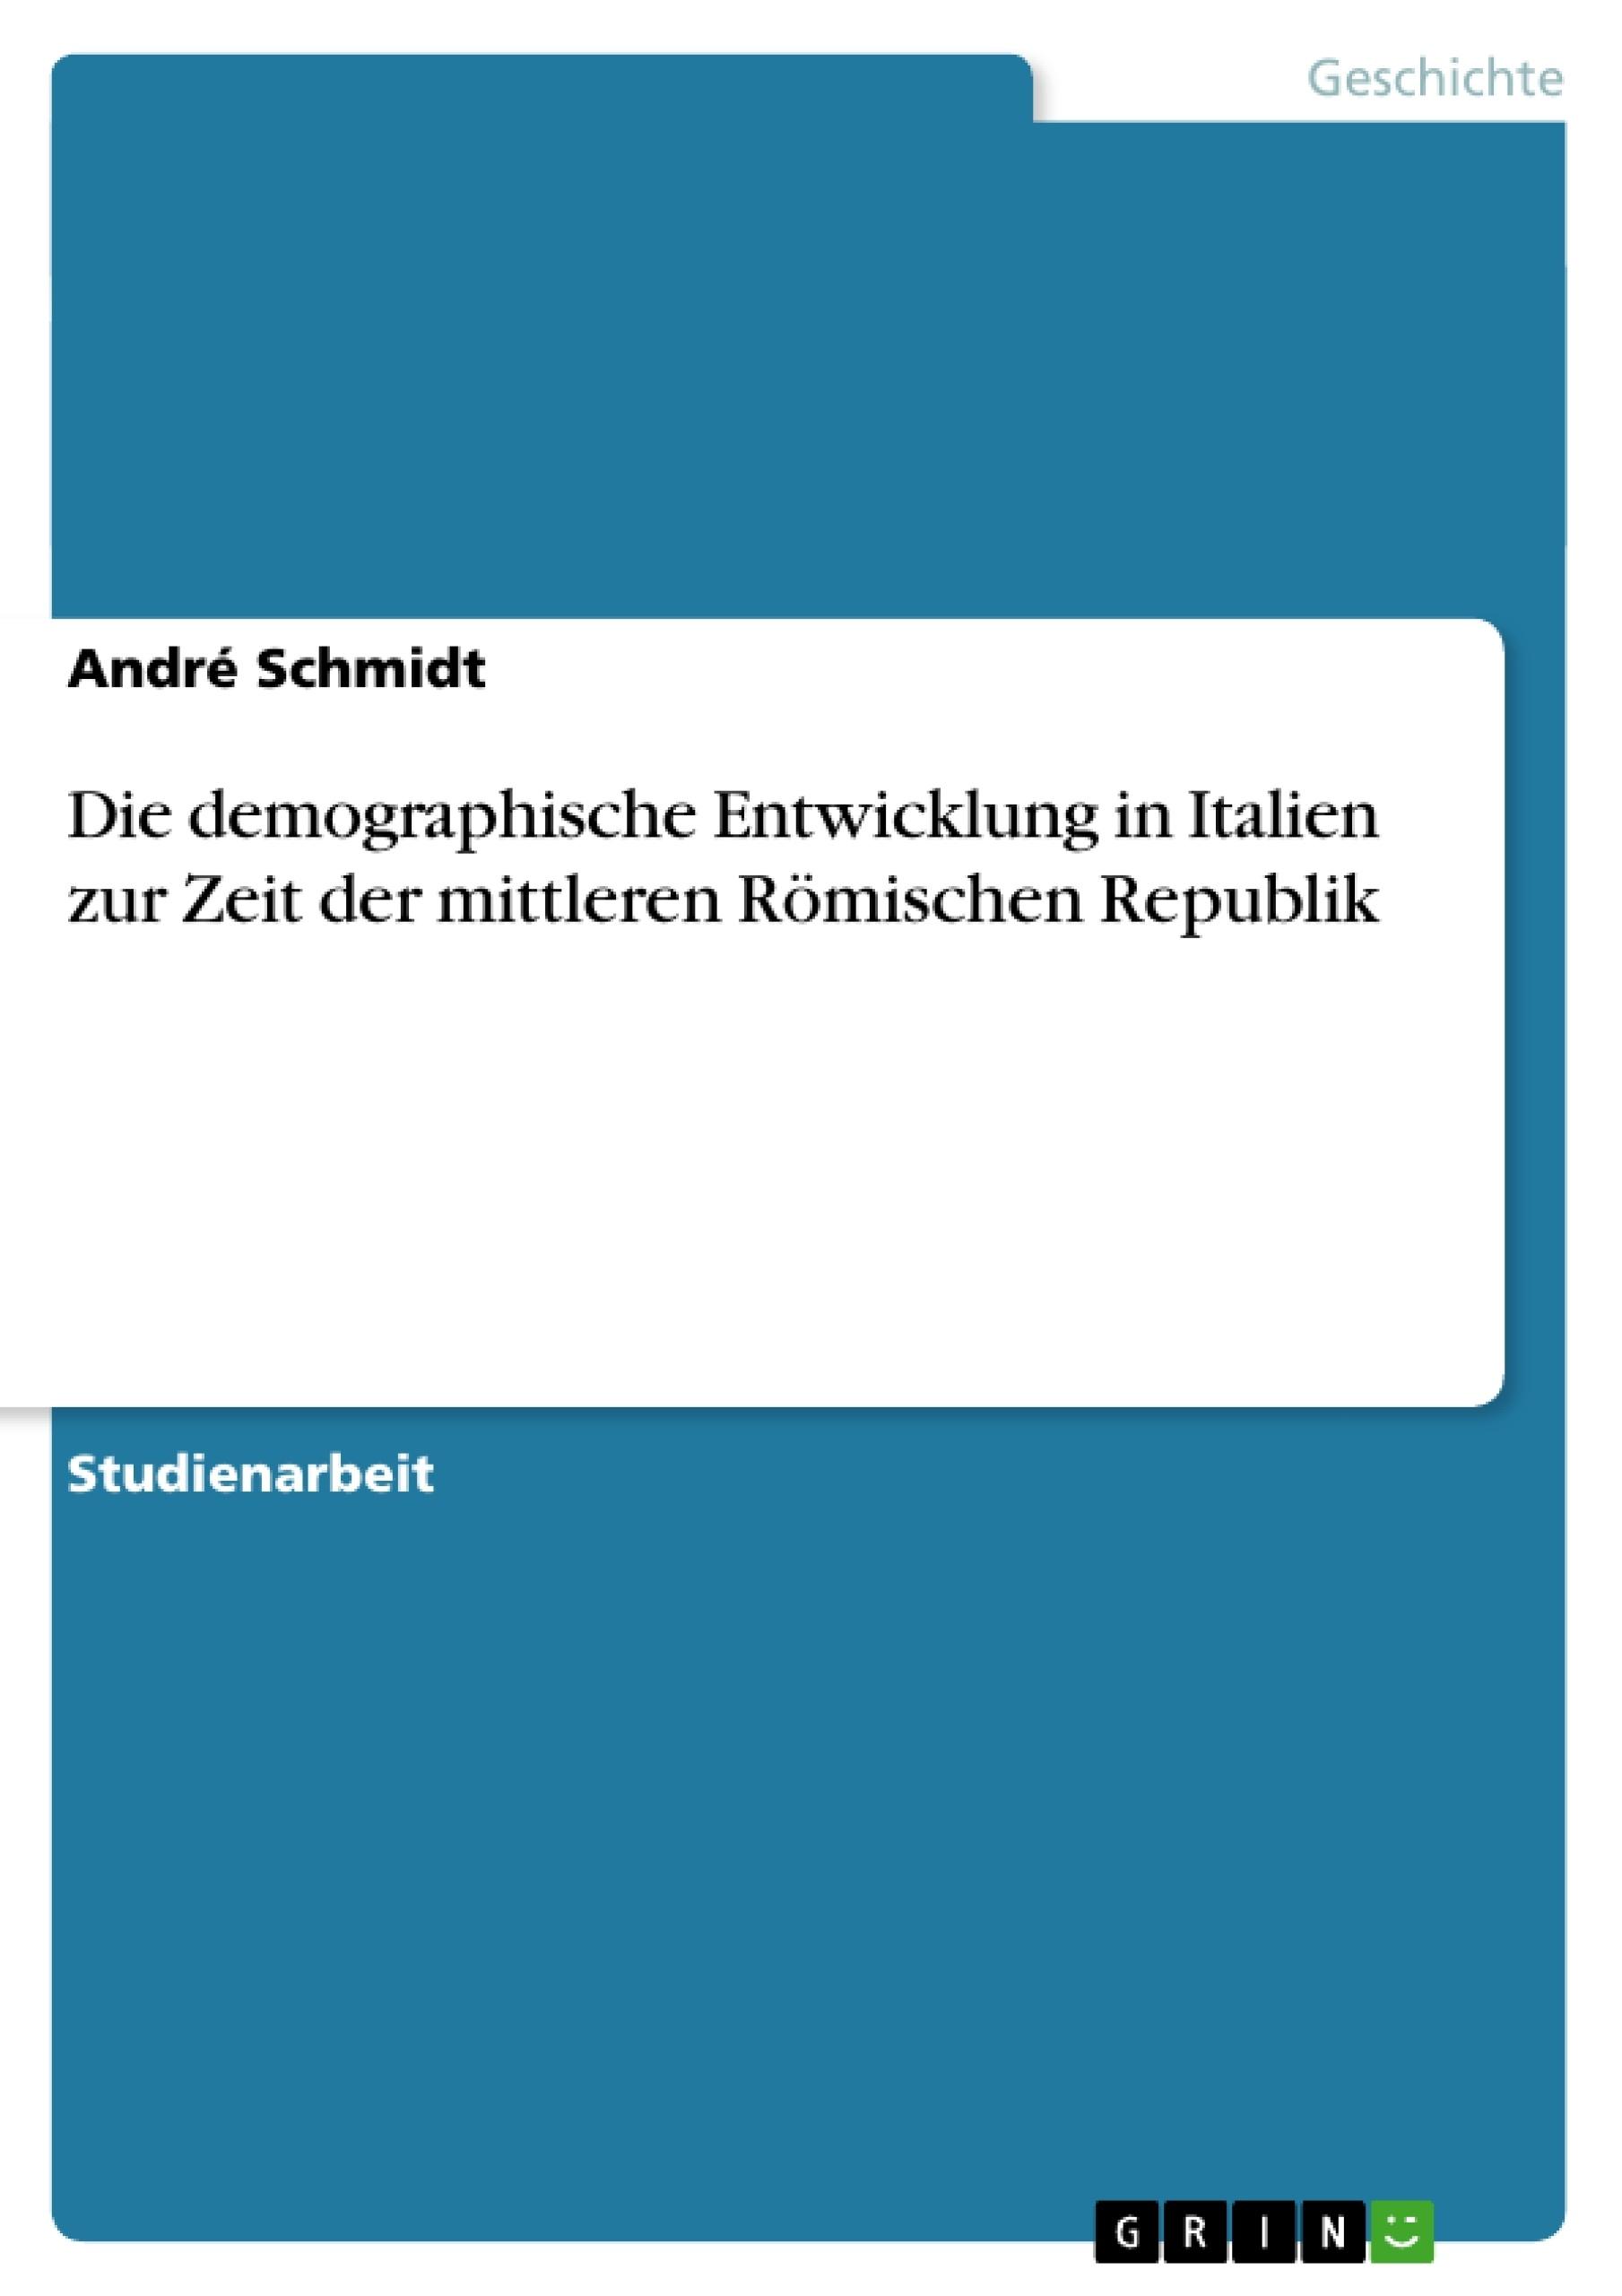 Titel: Die demographische Entwicklung in Italien zur Zeit der mittleren Römischen Republik